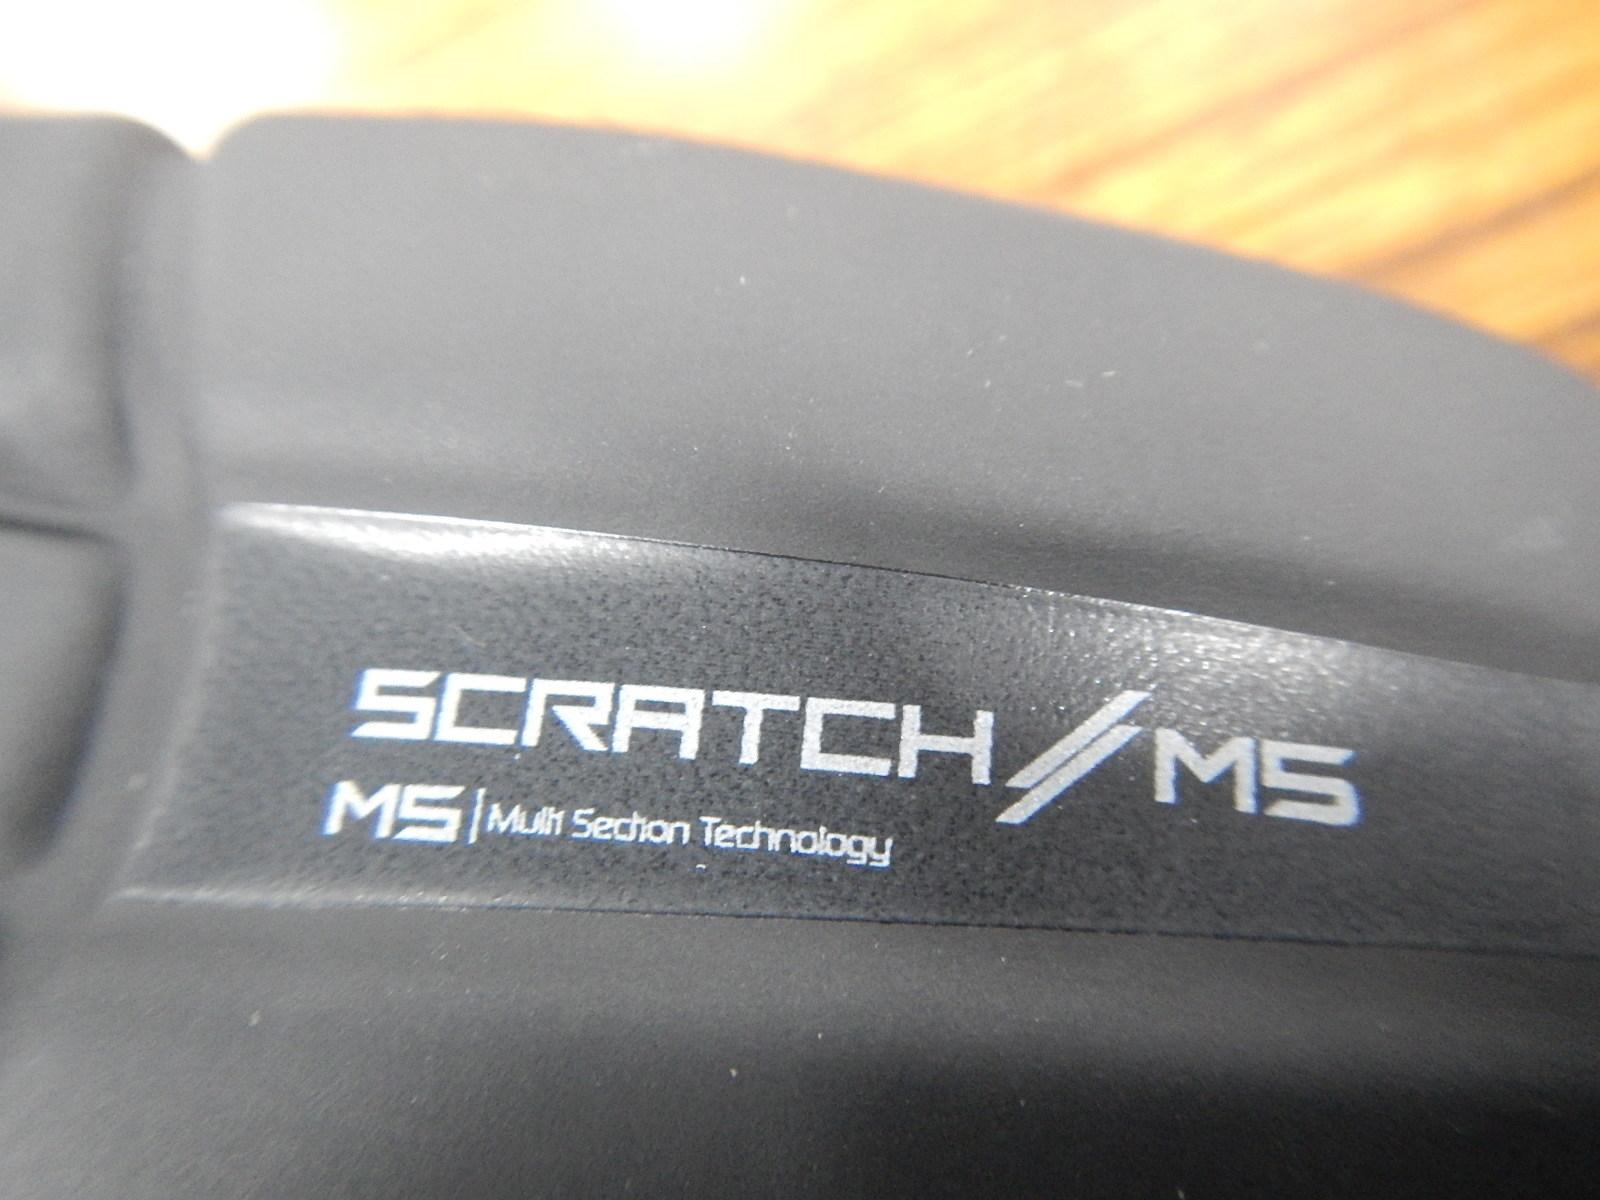 スクラッチ/M5 タイロックスレール_a0386742_16475368.jpg